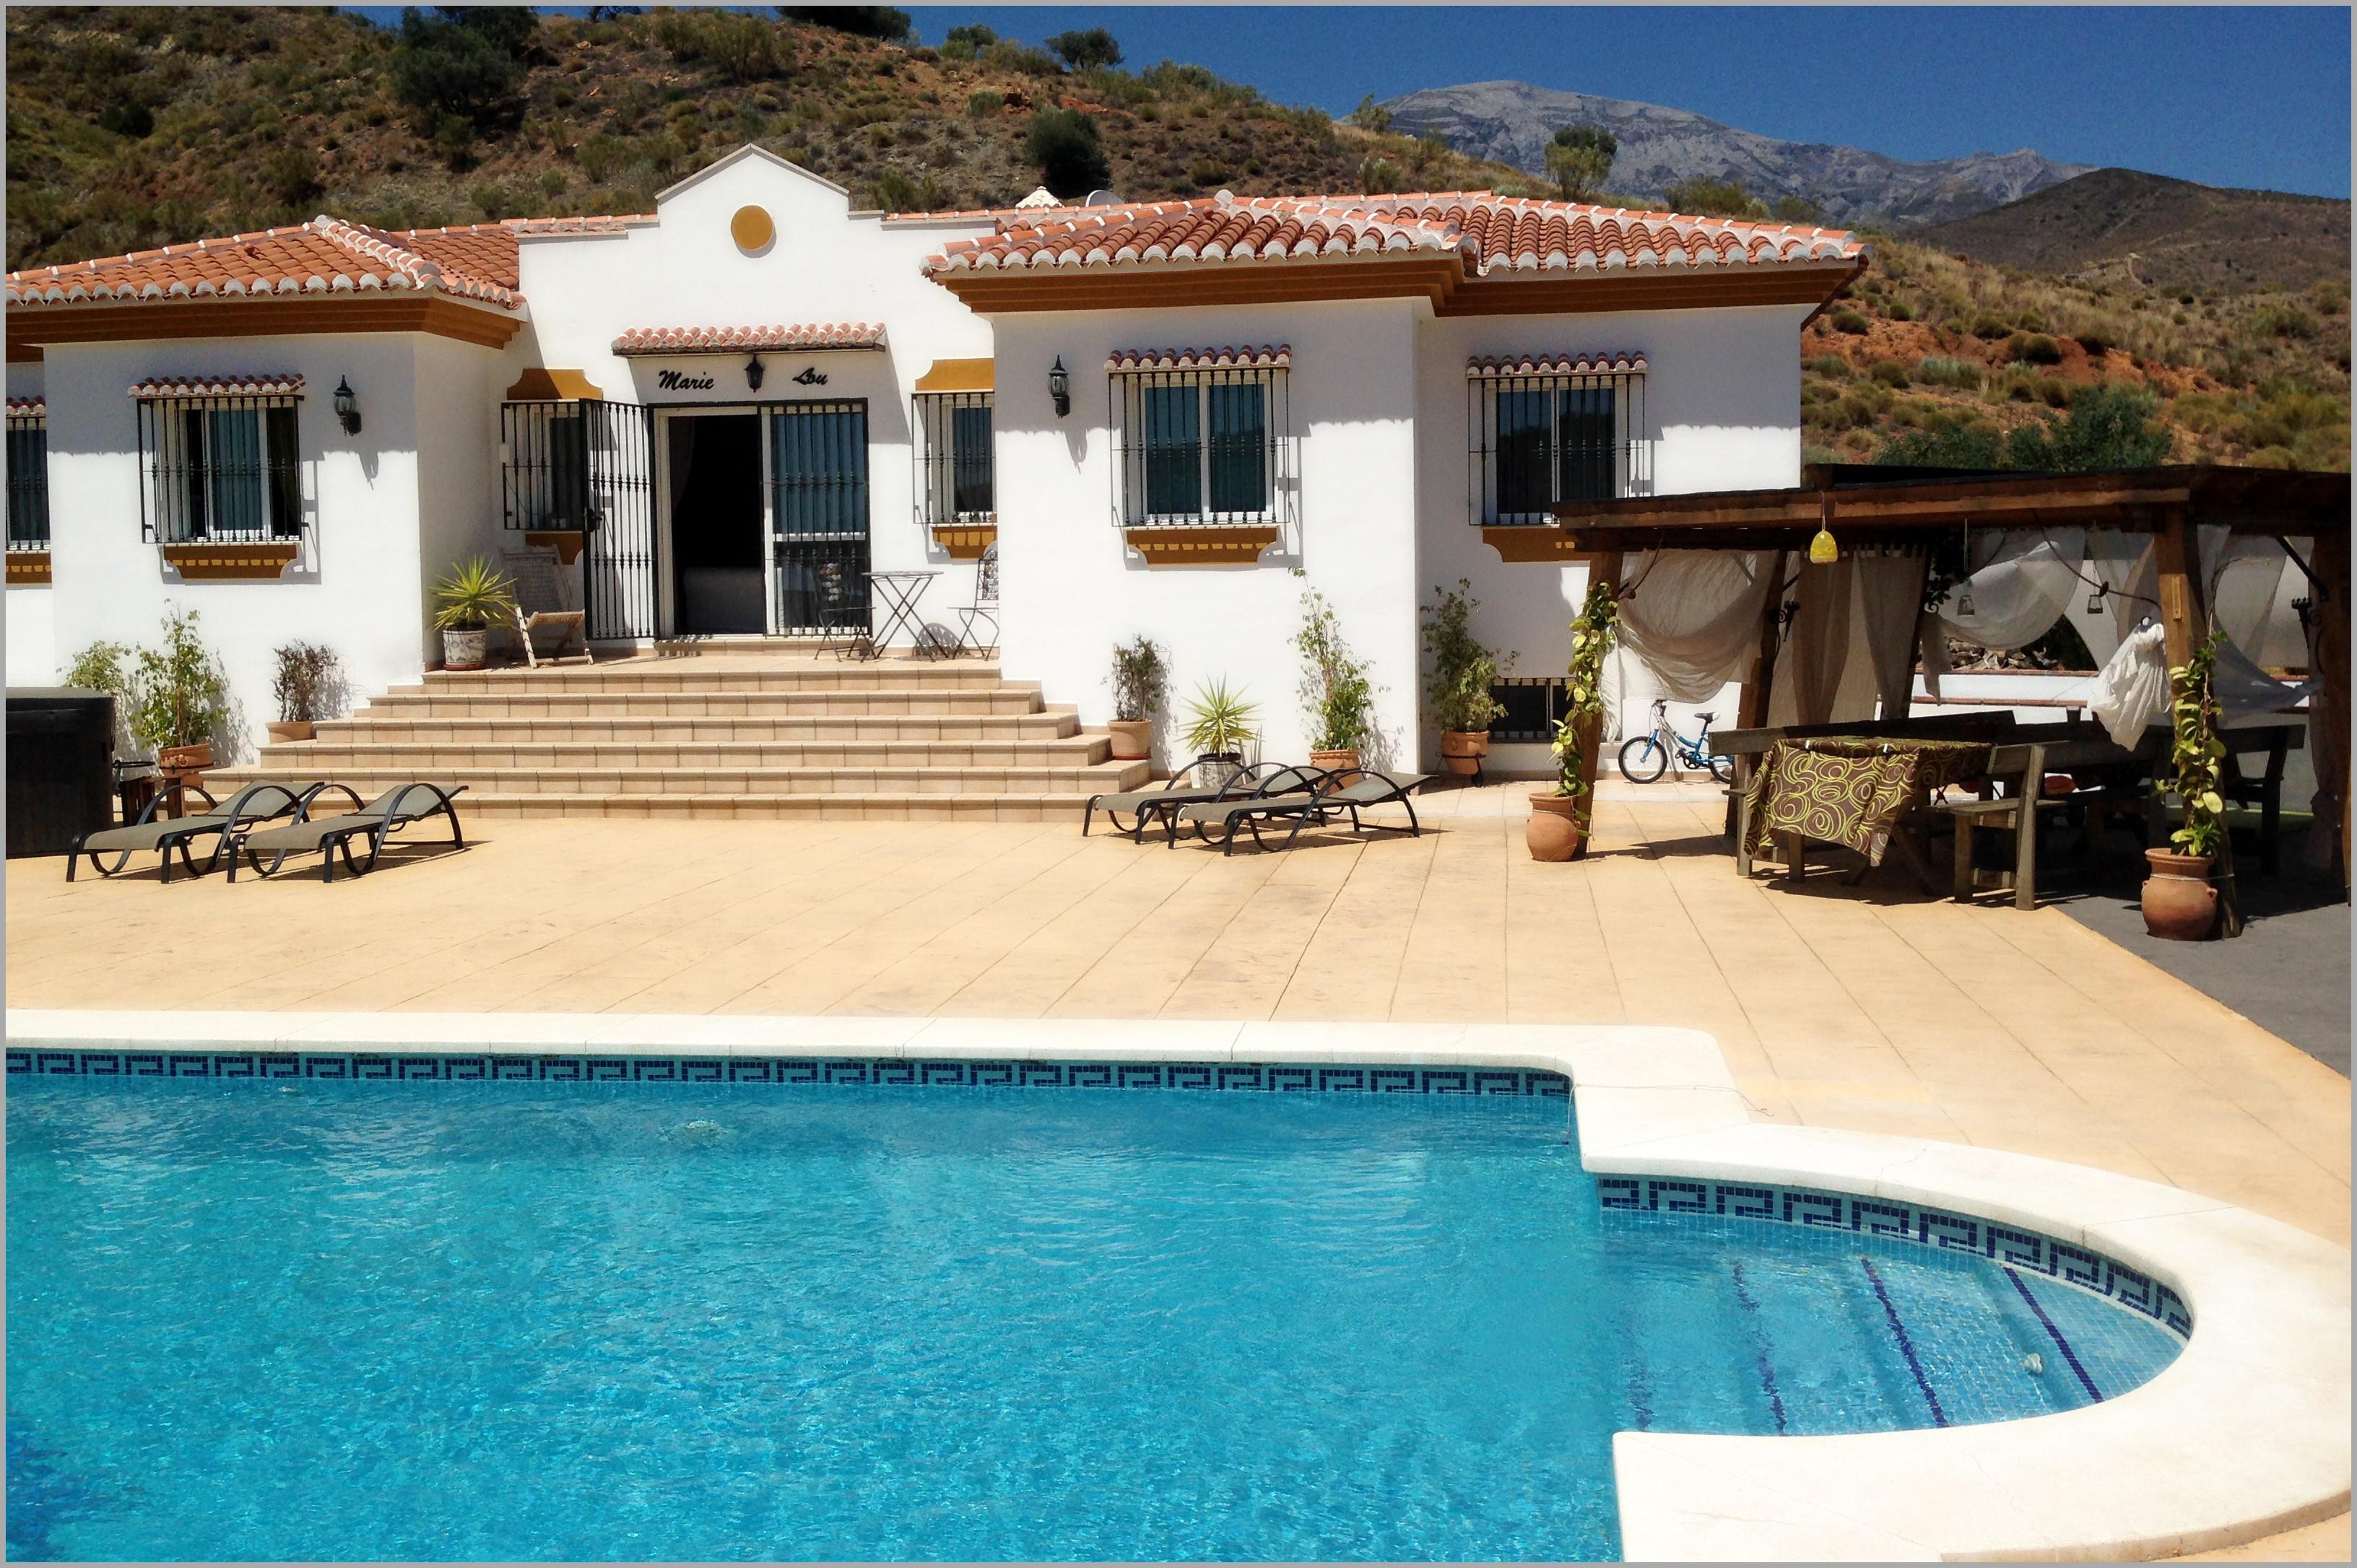 Location maison avec piscine espagne - Location maison avec piscine barcelone ...